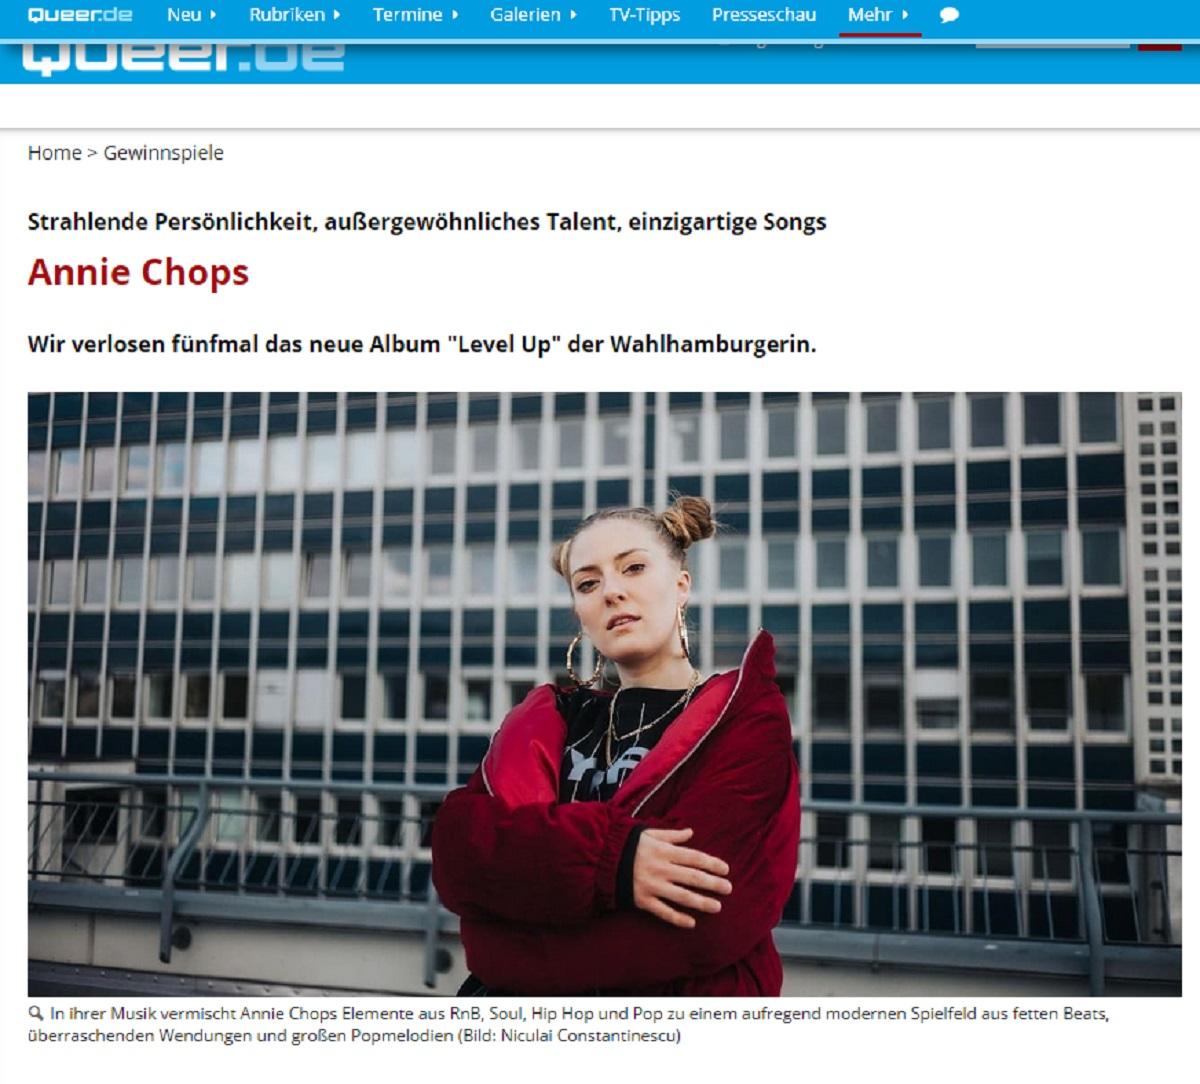 Jetzt Level Up von Annie Chops gewinnen queer.de Gewinnspiel